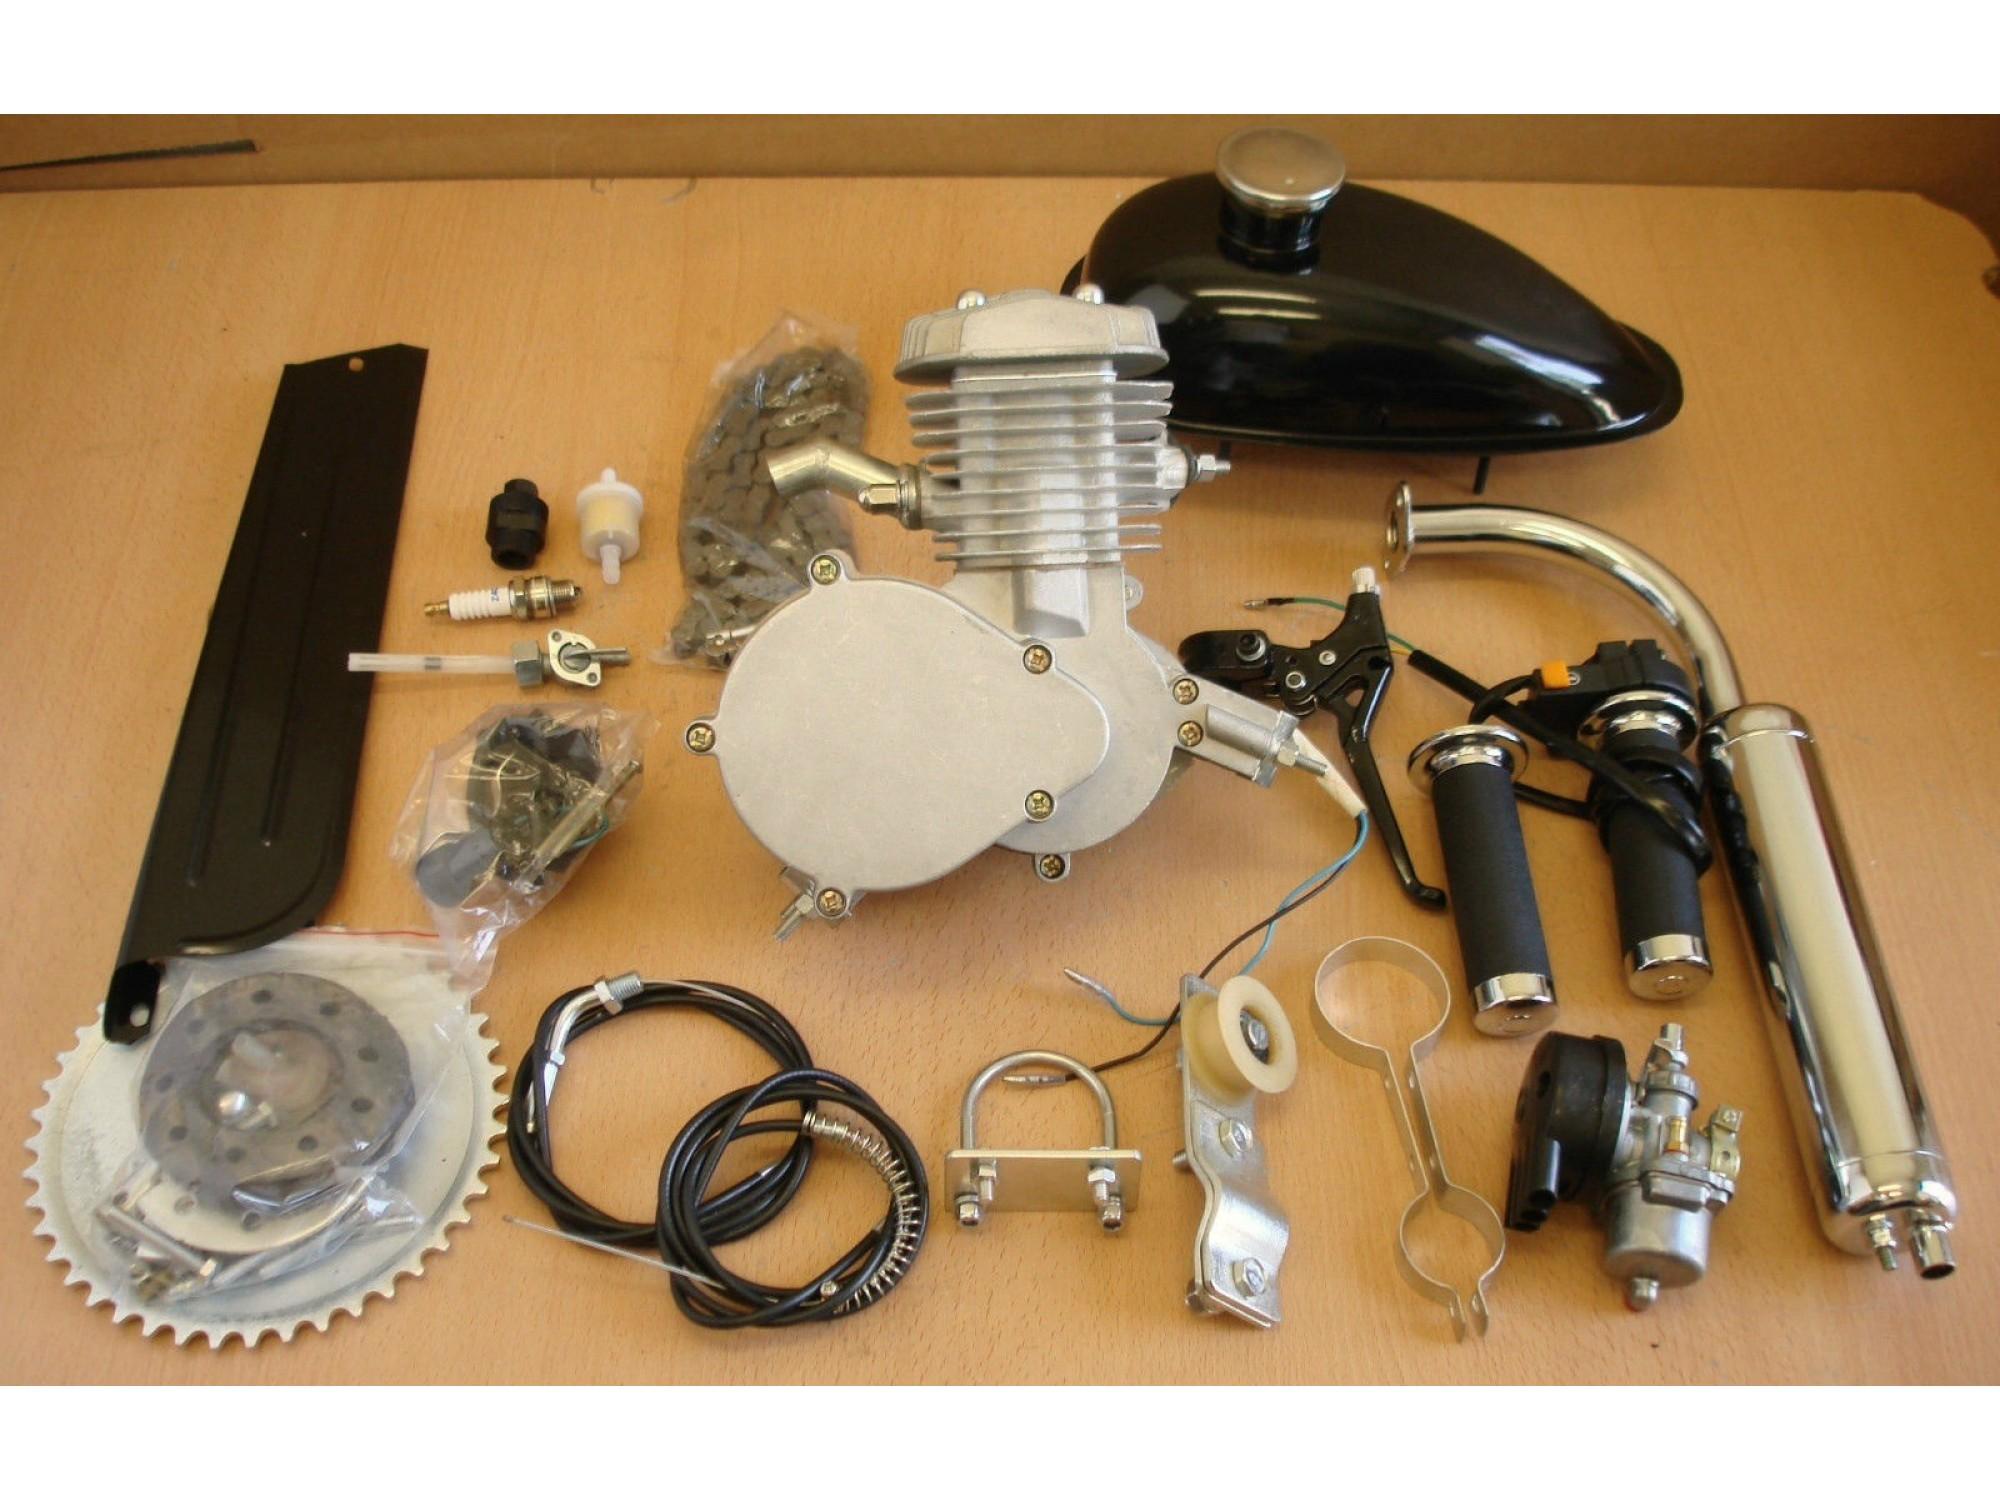 Разновидности электромоторов для велосипеда, рекомендации по установке